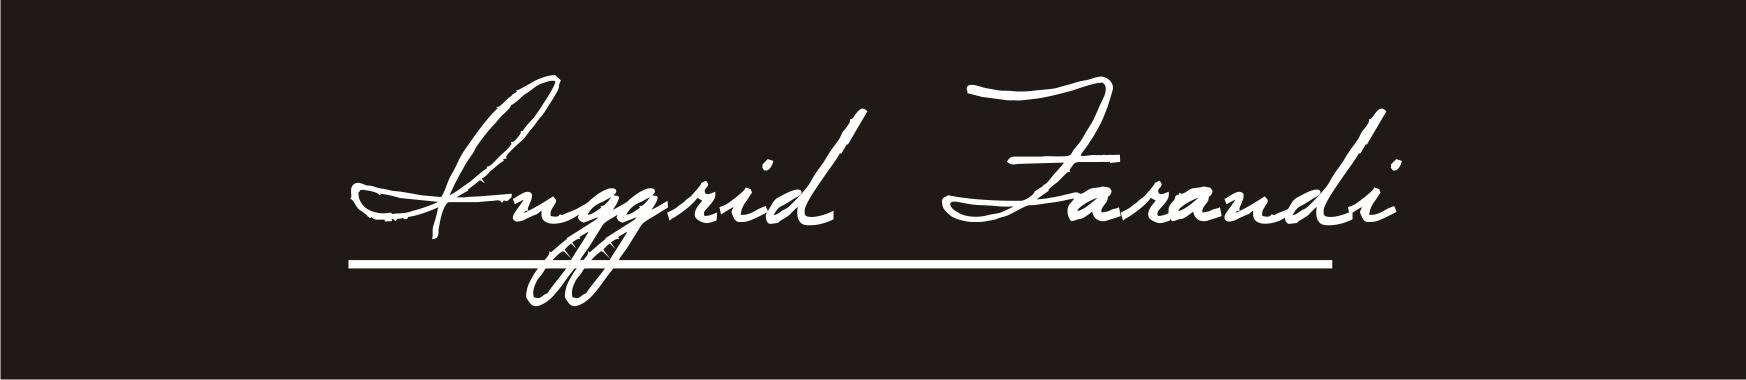 Ingrid Farandi's Signature